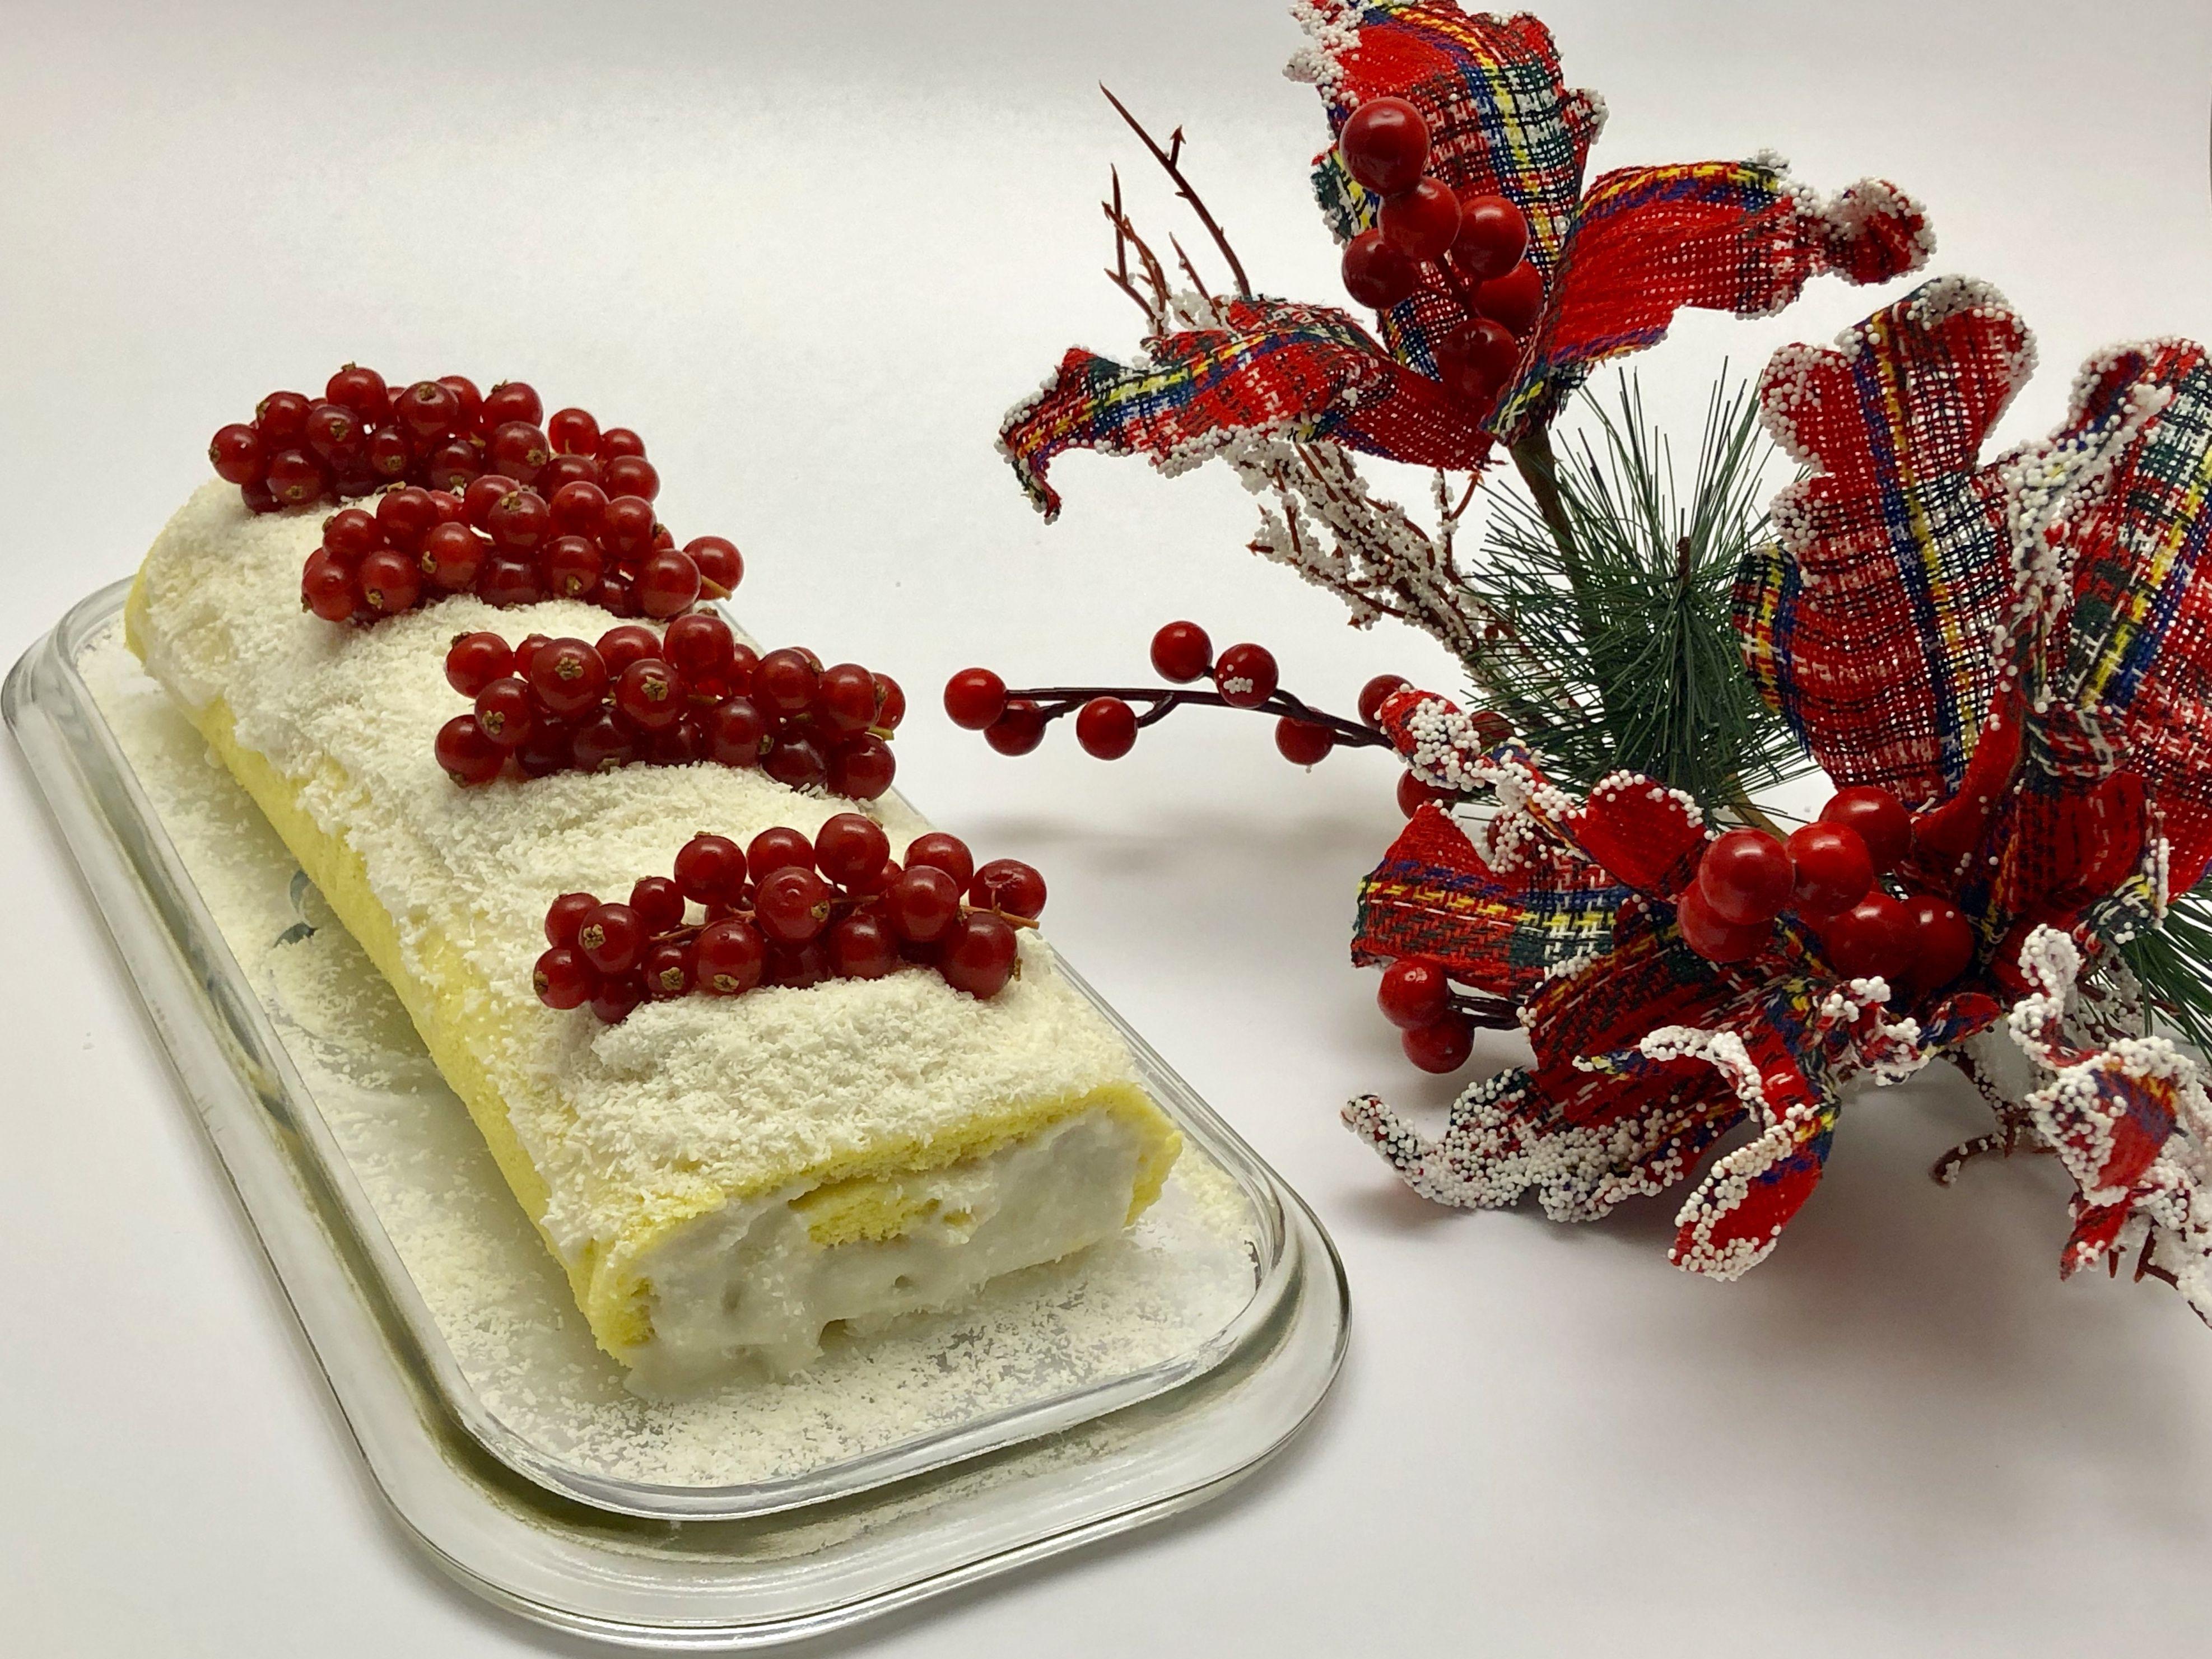 Tronchetto Di Natale Cucchiaio D Argento.Il Tronchetto Di Natale Il Buche De Noel Della Tradizione Francese